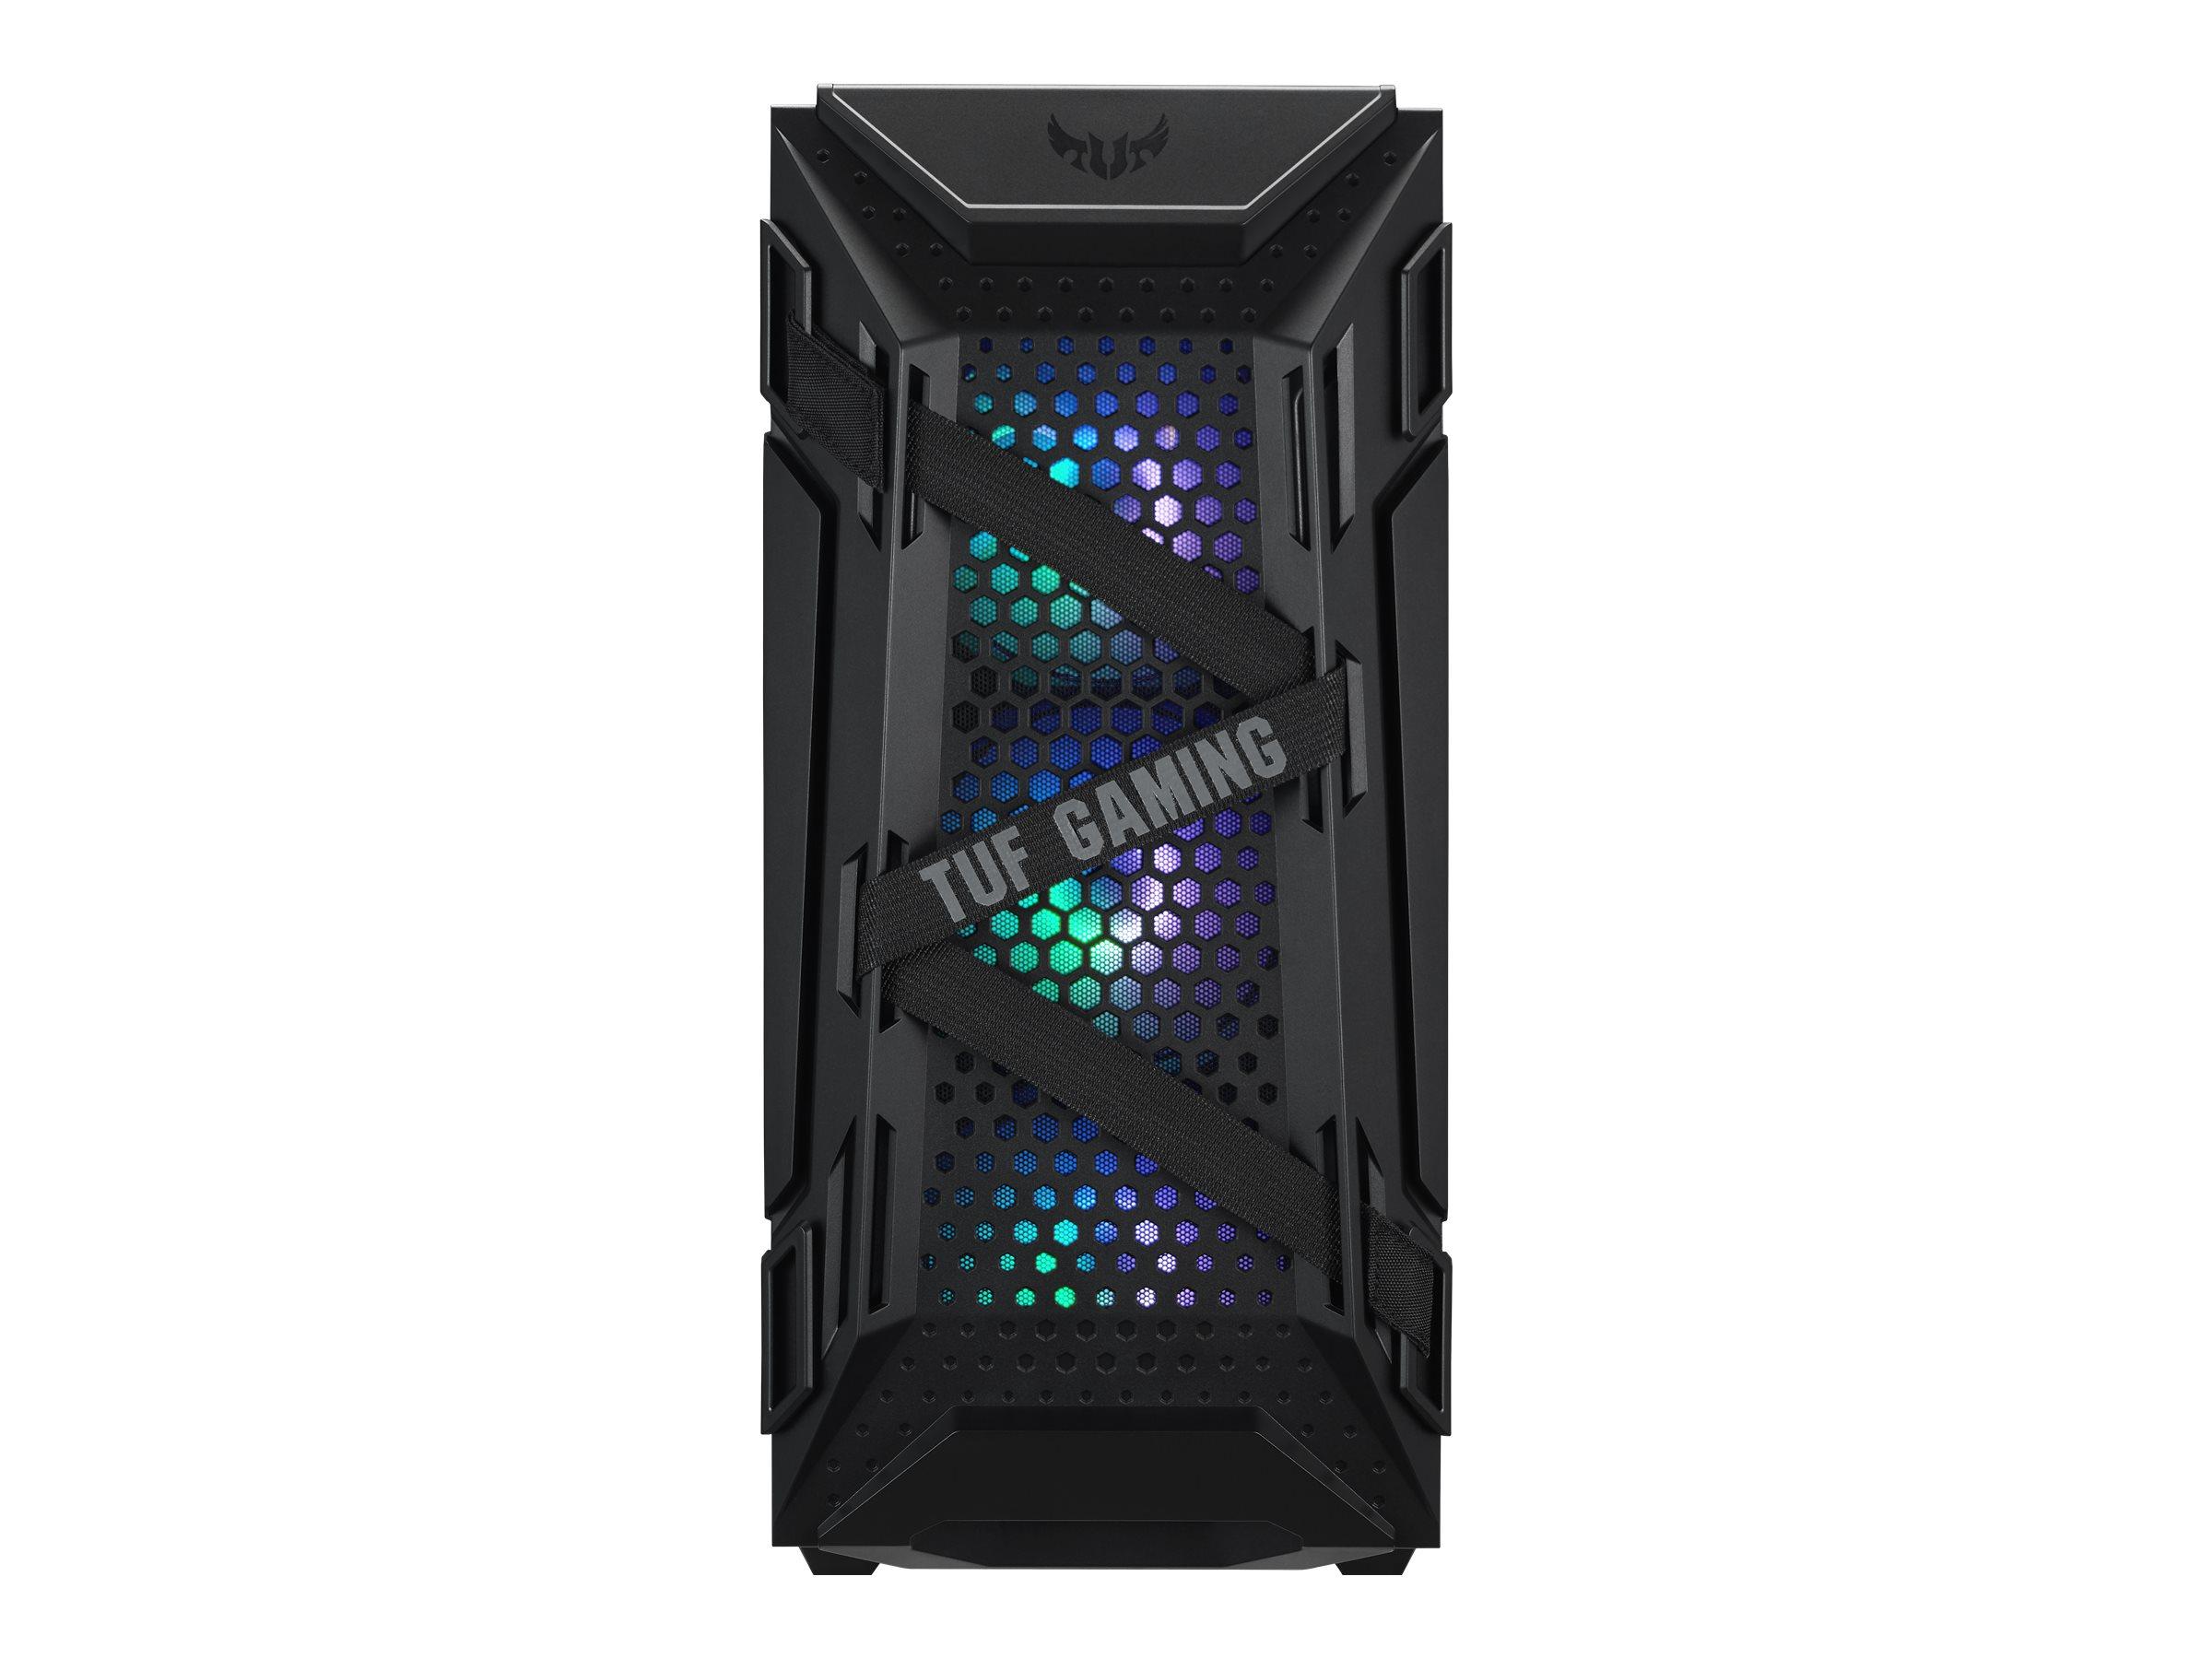 ASUS TUF Gaming GT301 - Tower - ATX - Schwarz